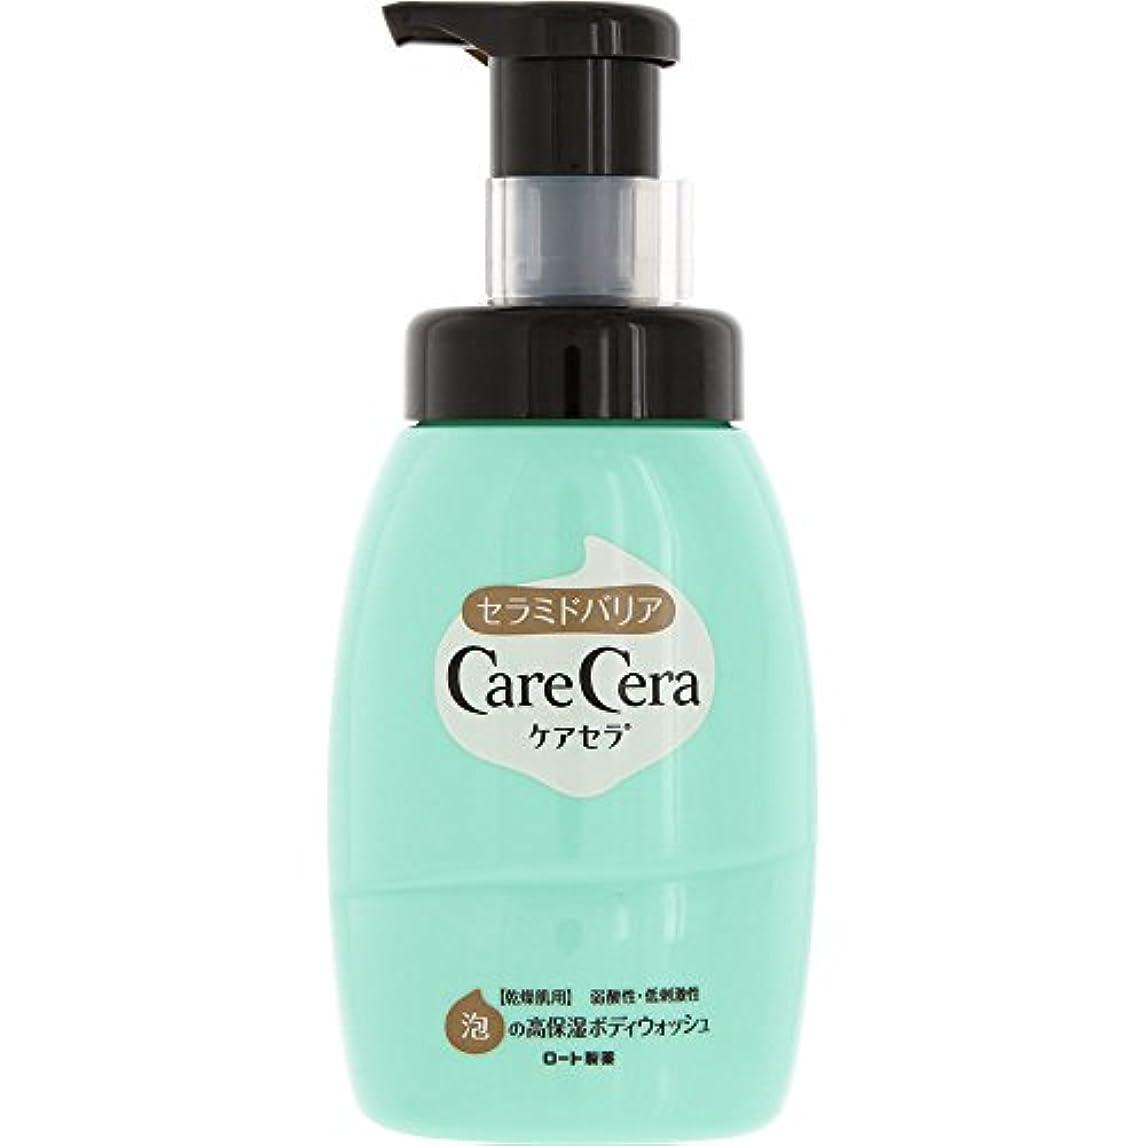 手リズミカルなリーチケアセラ(CareCera) ロート製薬 ケアセラ  天然型セラミド7種配合 セラミド濃度10倍泡の高保湿 全身ボディウォッシュ ピュアフローラルの香り お試し企画品 300mL